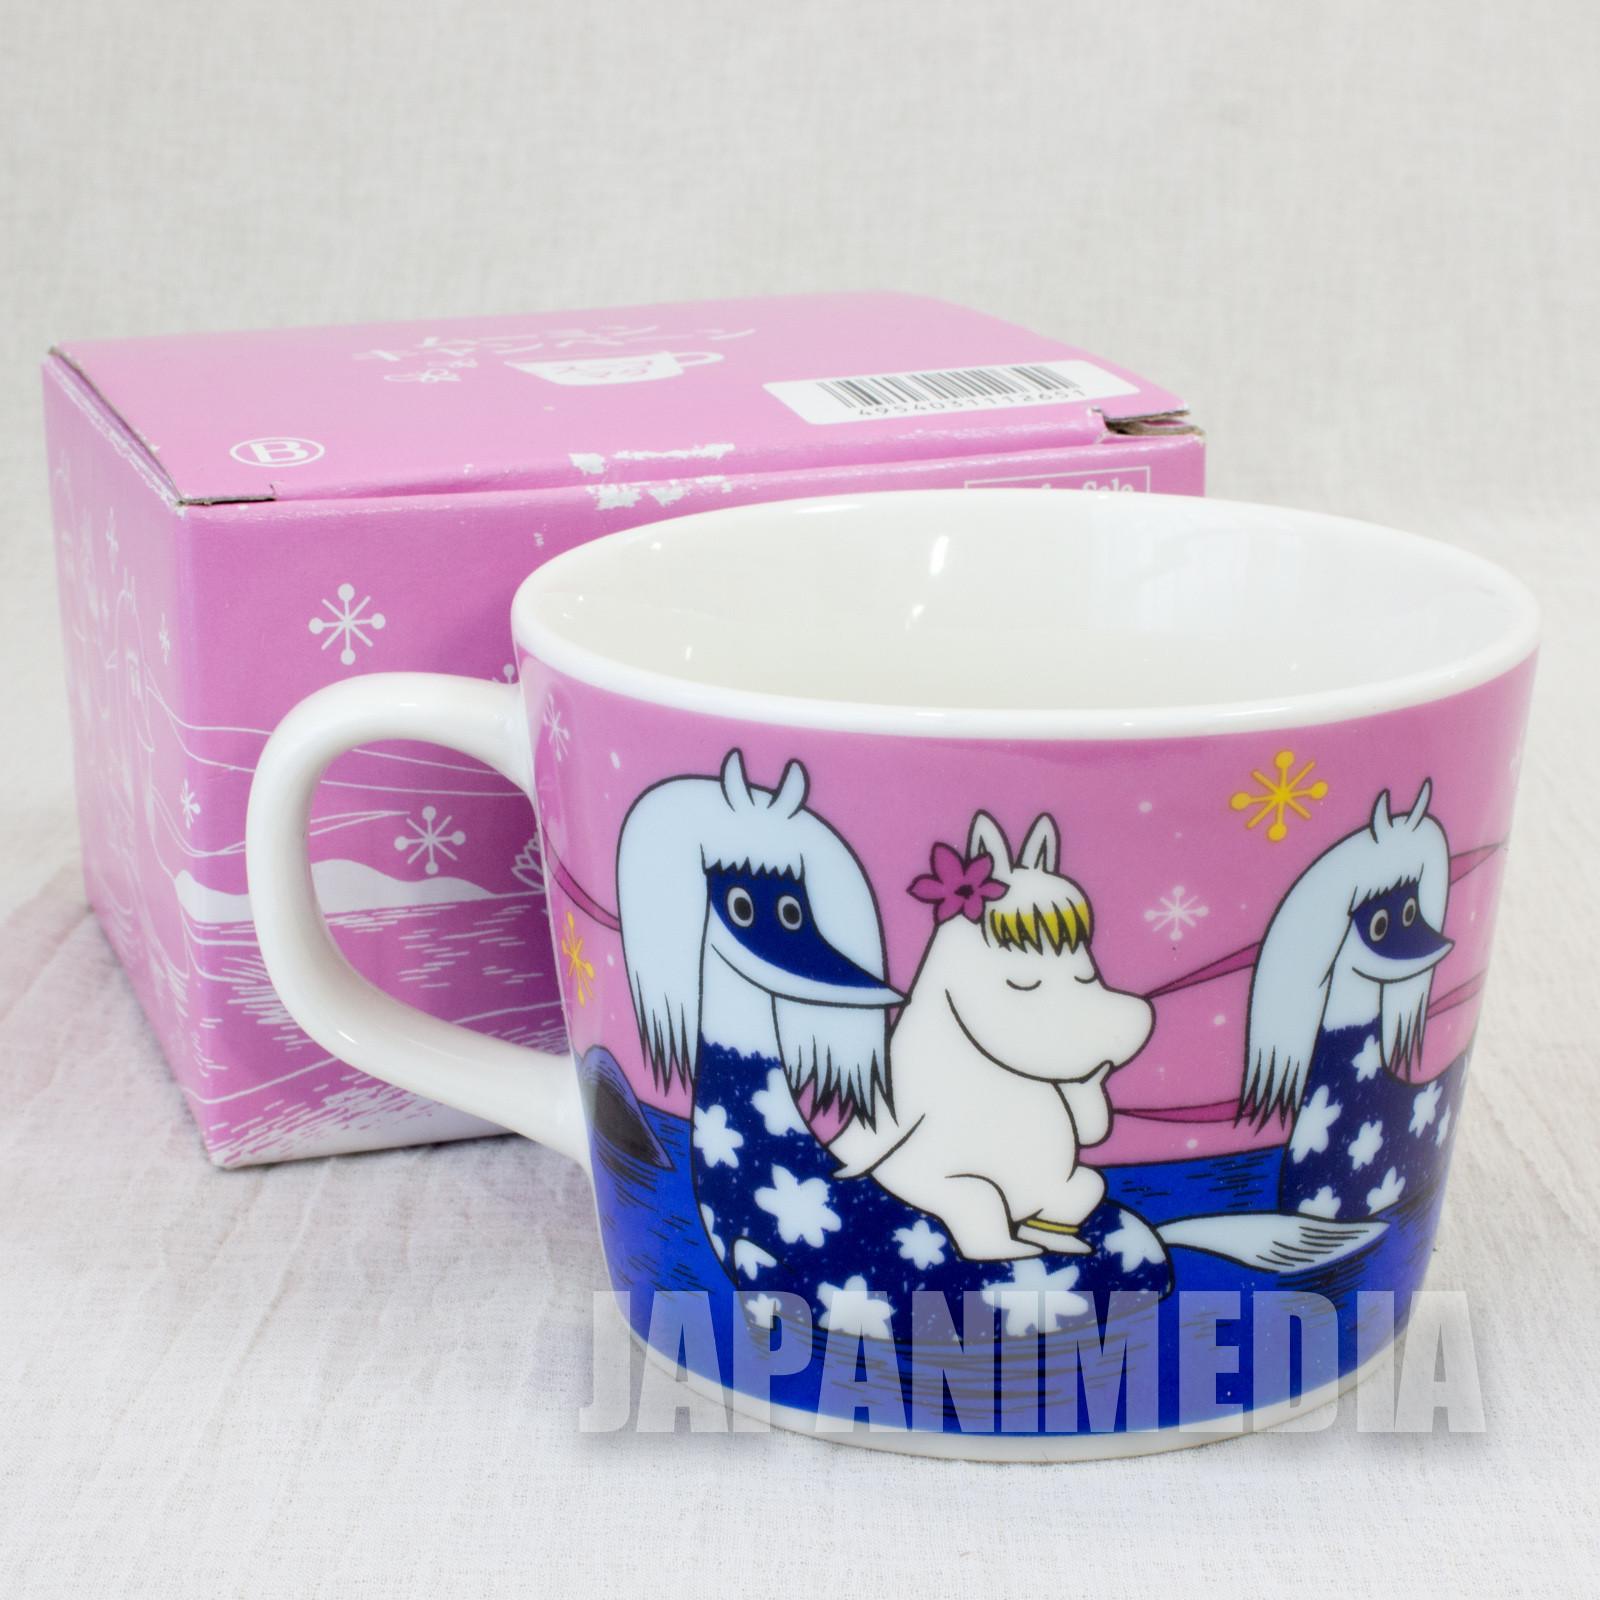 Moomin Soup Mug #B Circle K Sunkus Japan